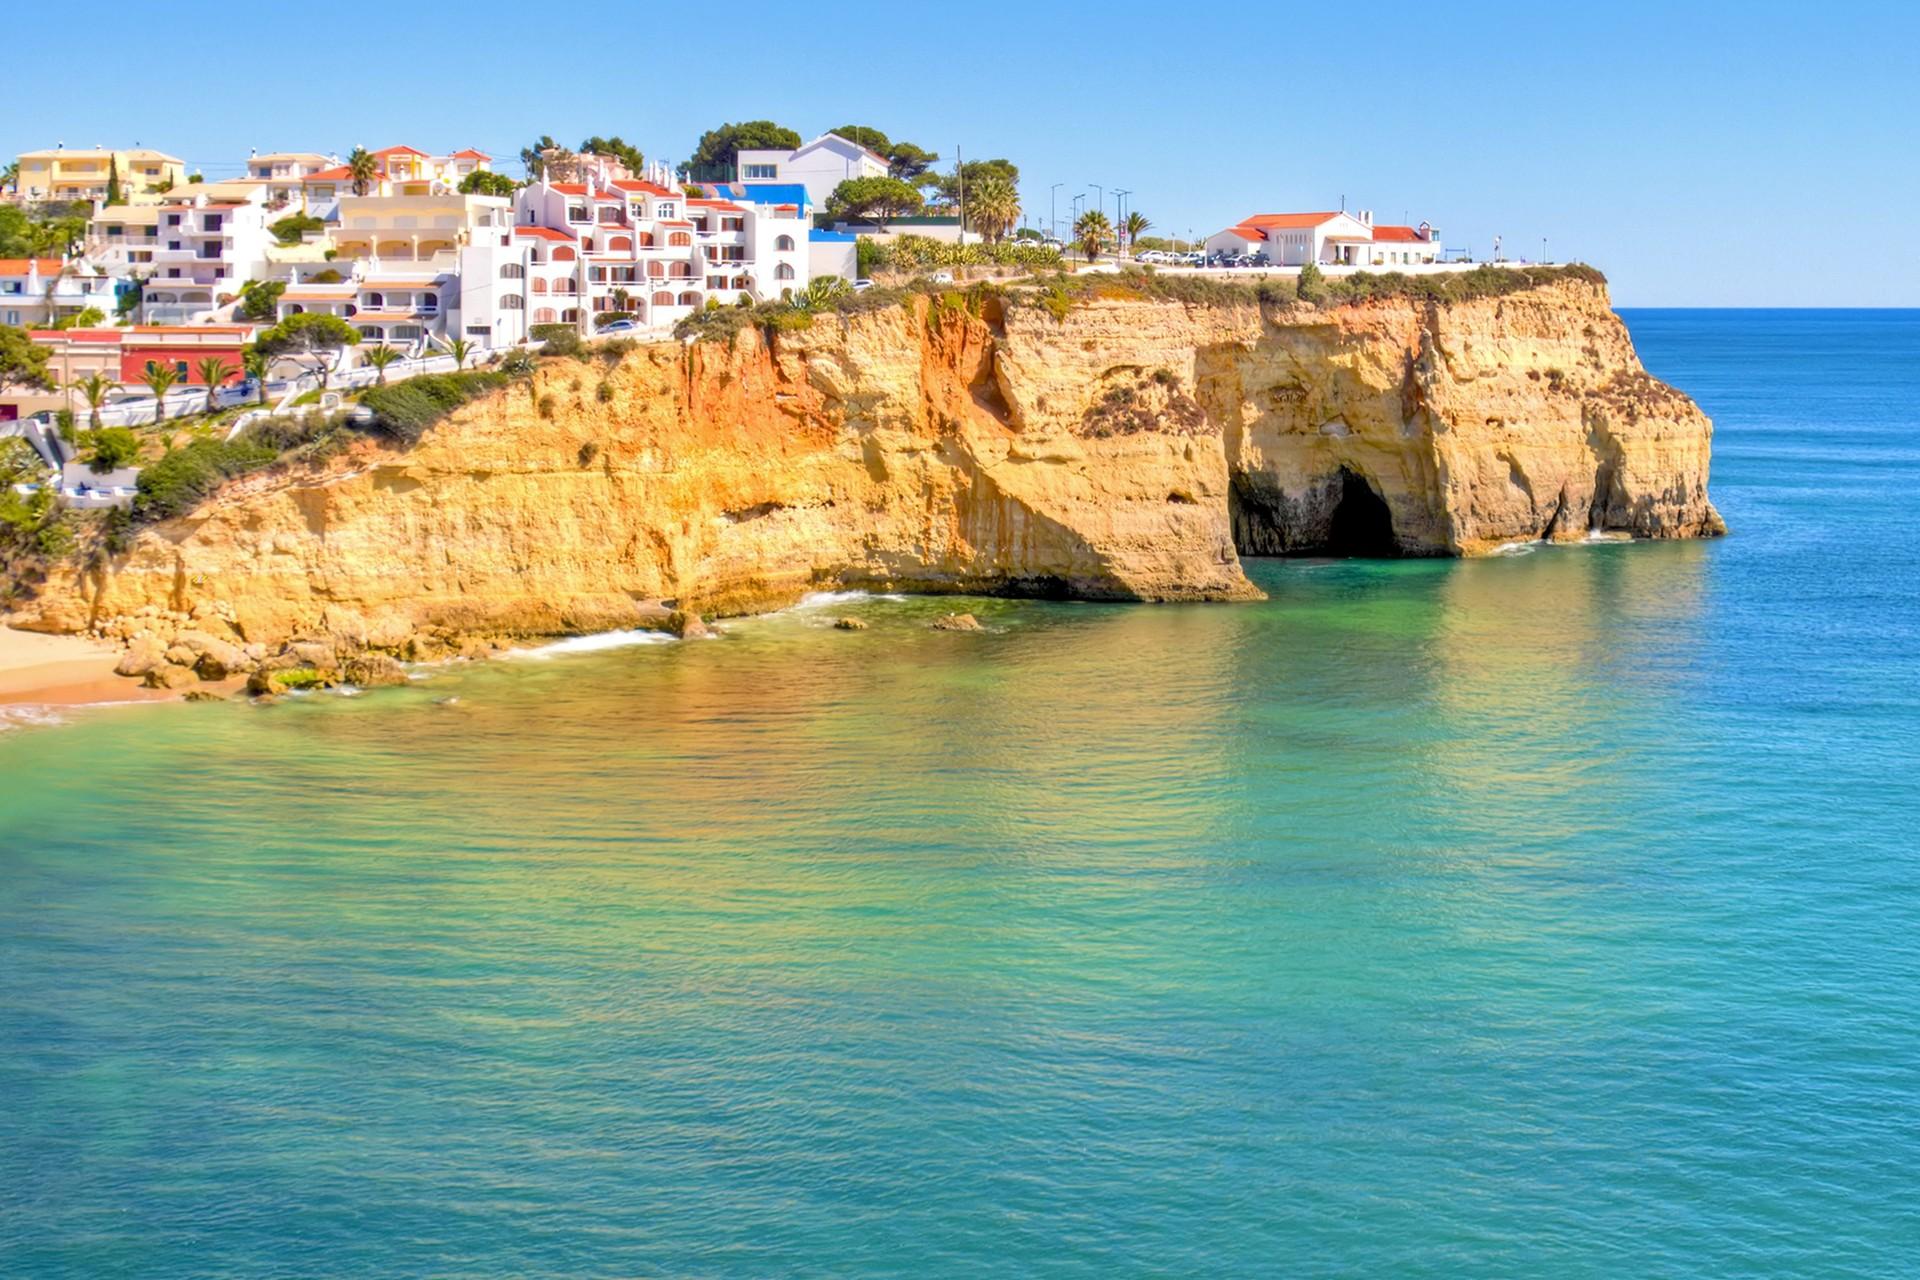 #1271B922241728 Luxe Vakantie Portugal TUI Meest effectief Luxe Vakantie Portugal 3705 behang 192012803705 afbeeldingen